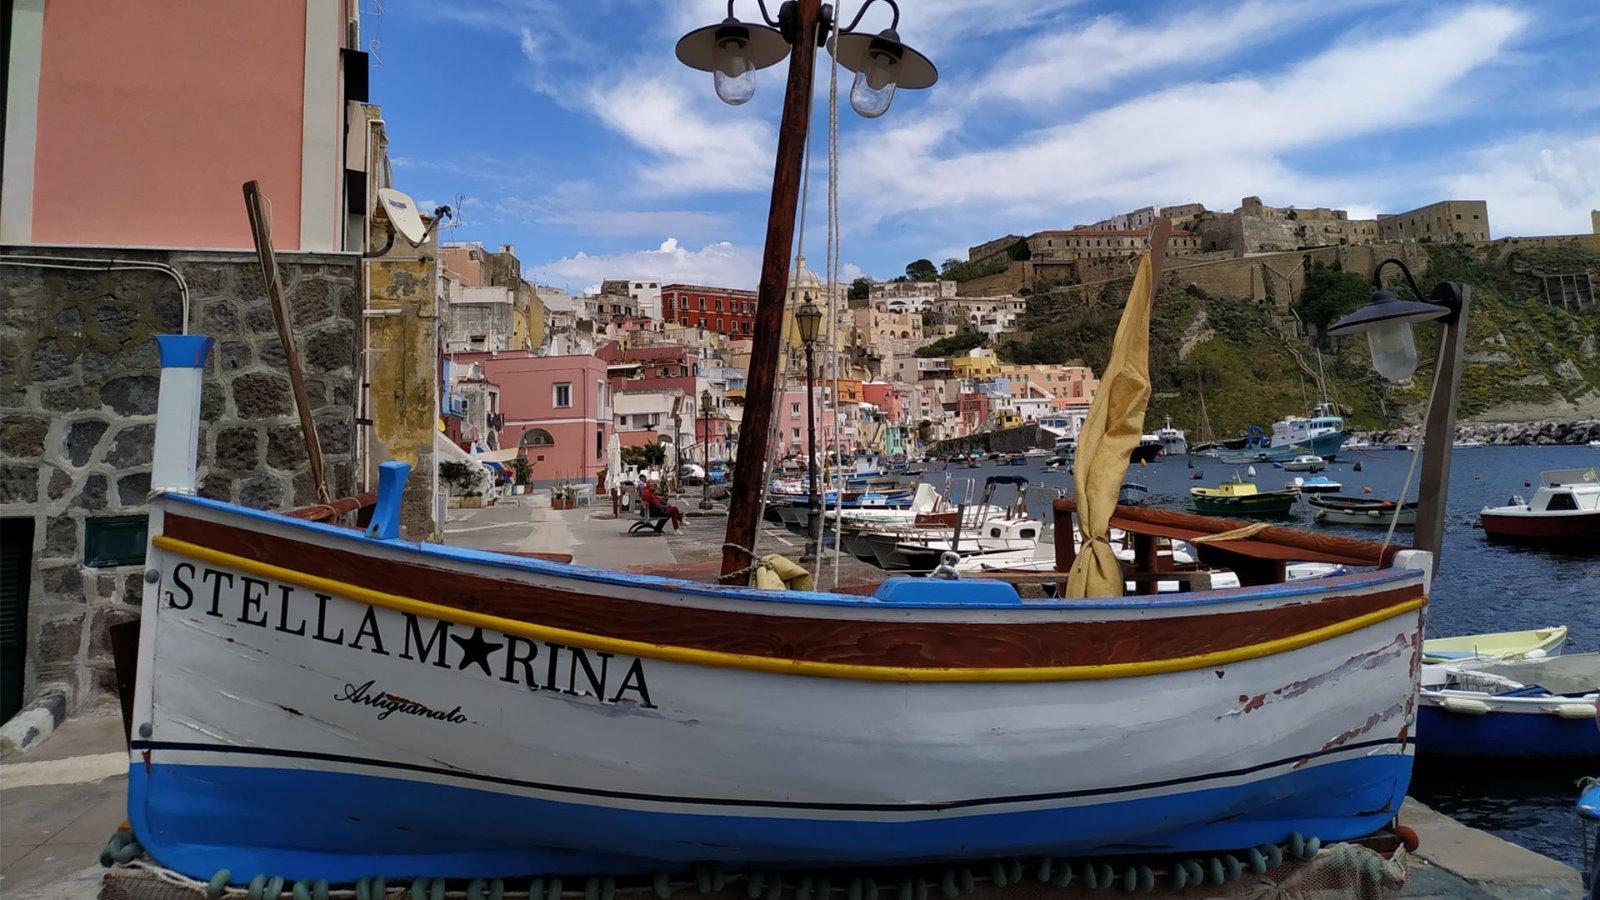 L'antico borgo di Marina della Corricella